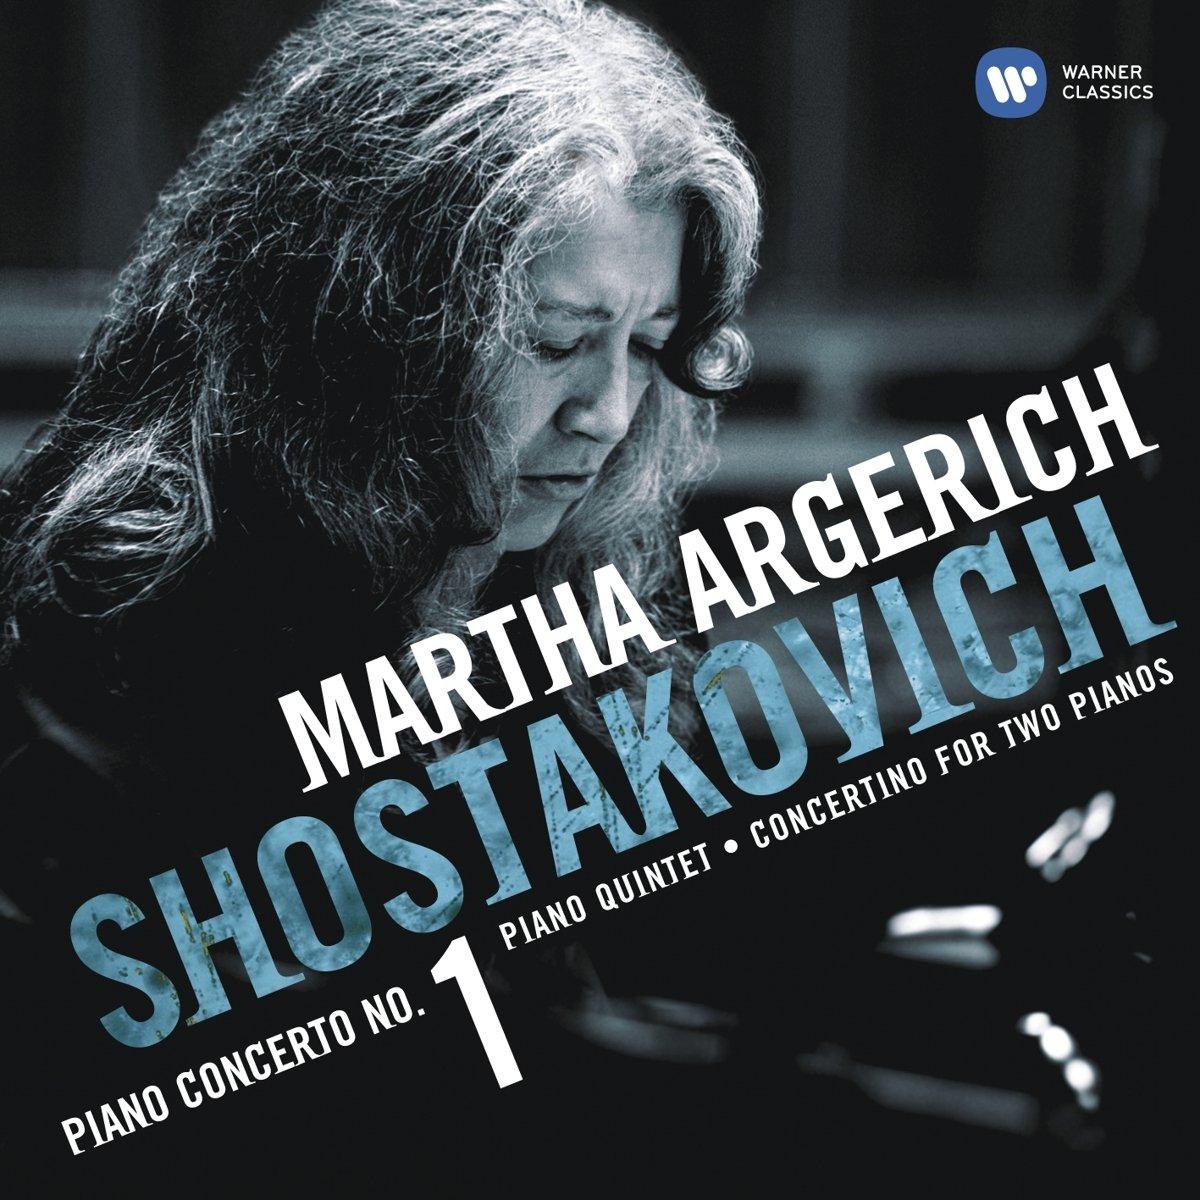 Shostakovich: Piano Concerto No. 1; Concertino; Piano Quintet